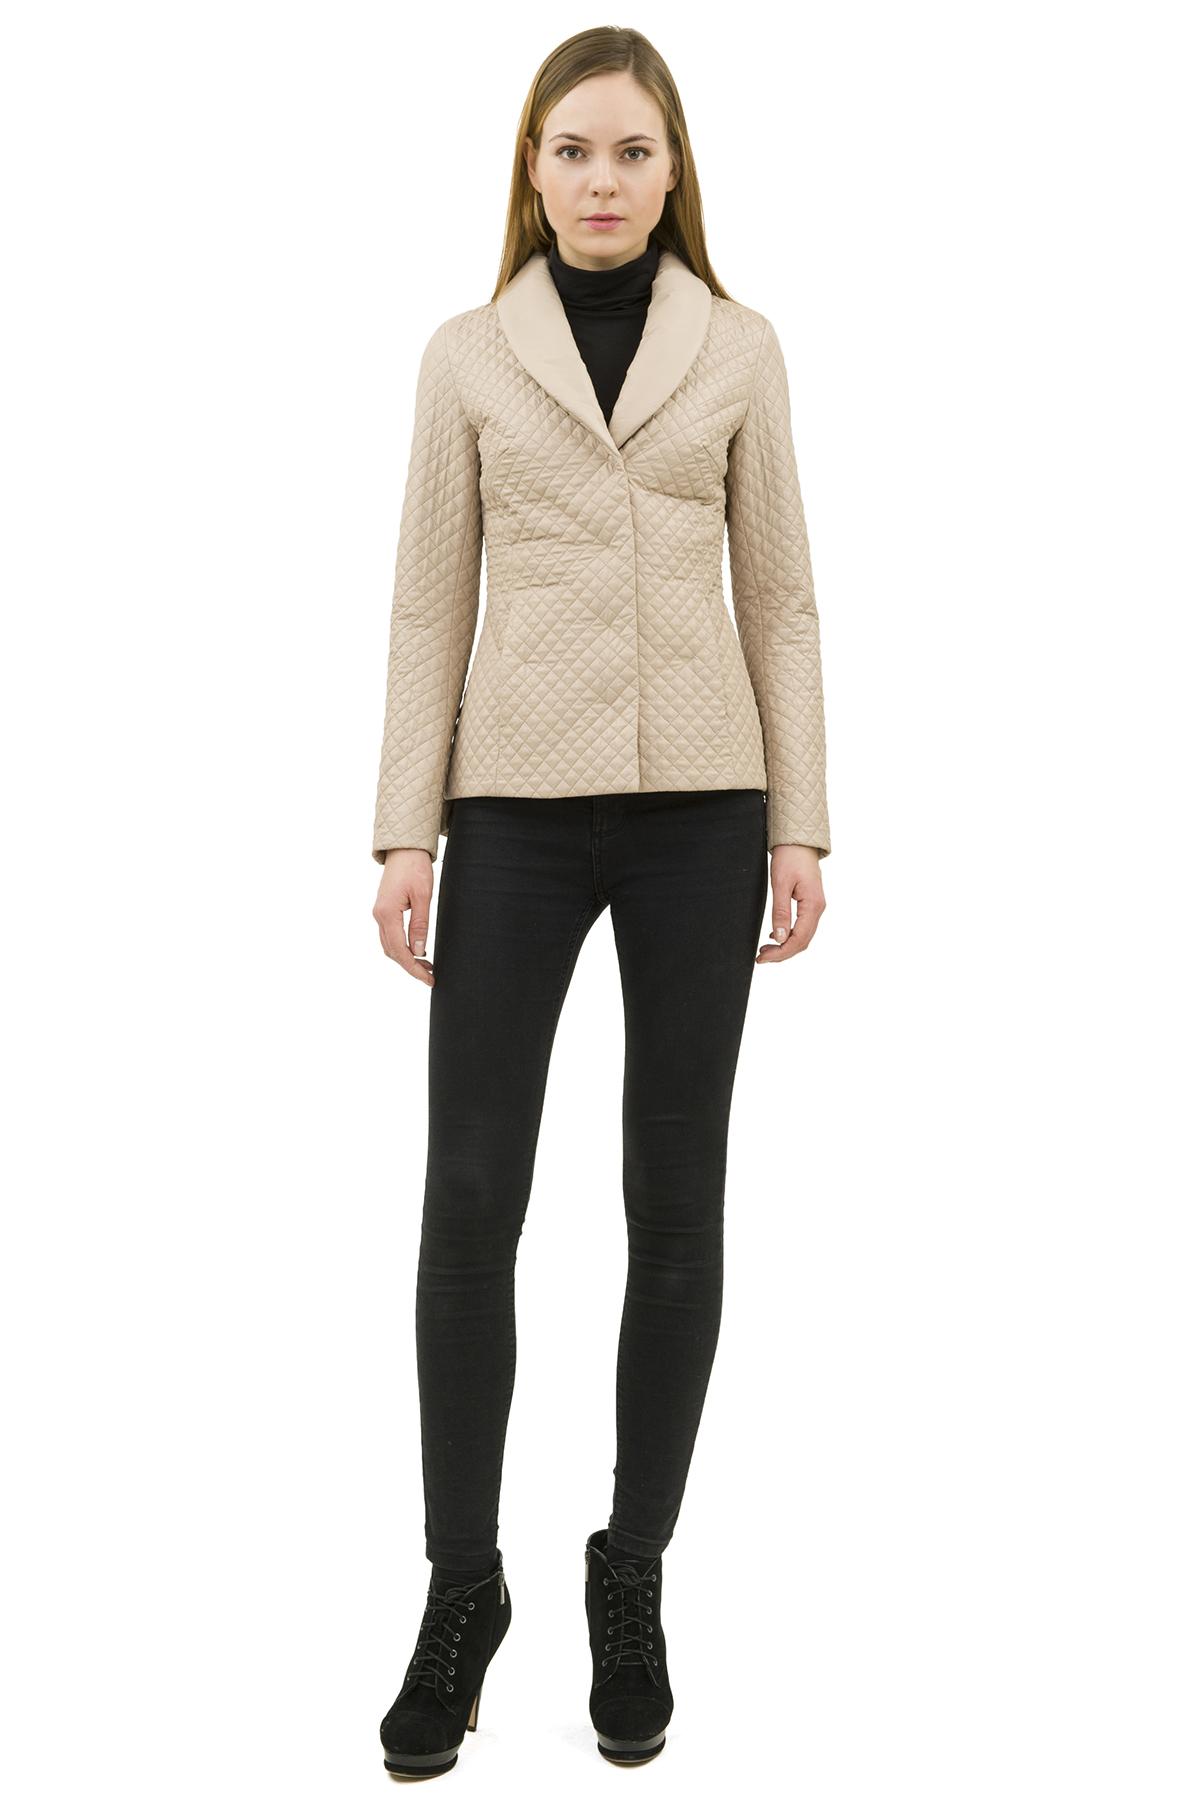 КурткаЖенские куртки, плащи, пальто<br>Стильная модель женской курткиспособна выделить Вас из общей толпы.Комфортный вариант на каждый день.<br><br>Цвет: бежевый<br>Состав: 100% полиэстер<br>Размер: 44,50<br>Страна дизайна: Россия<br>Страна производства: Россия